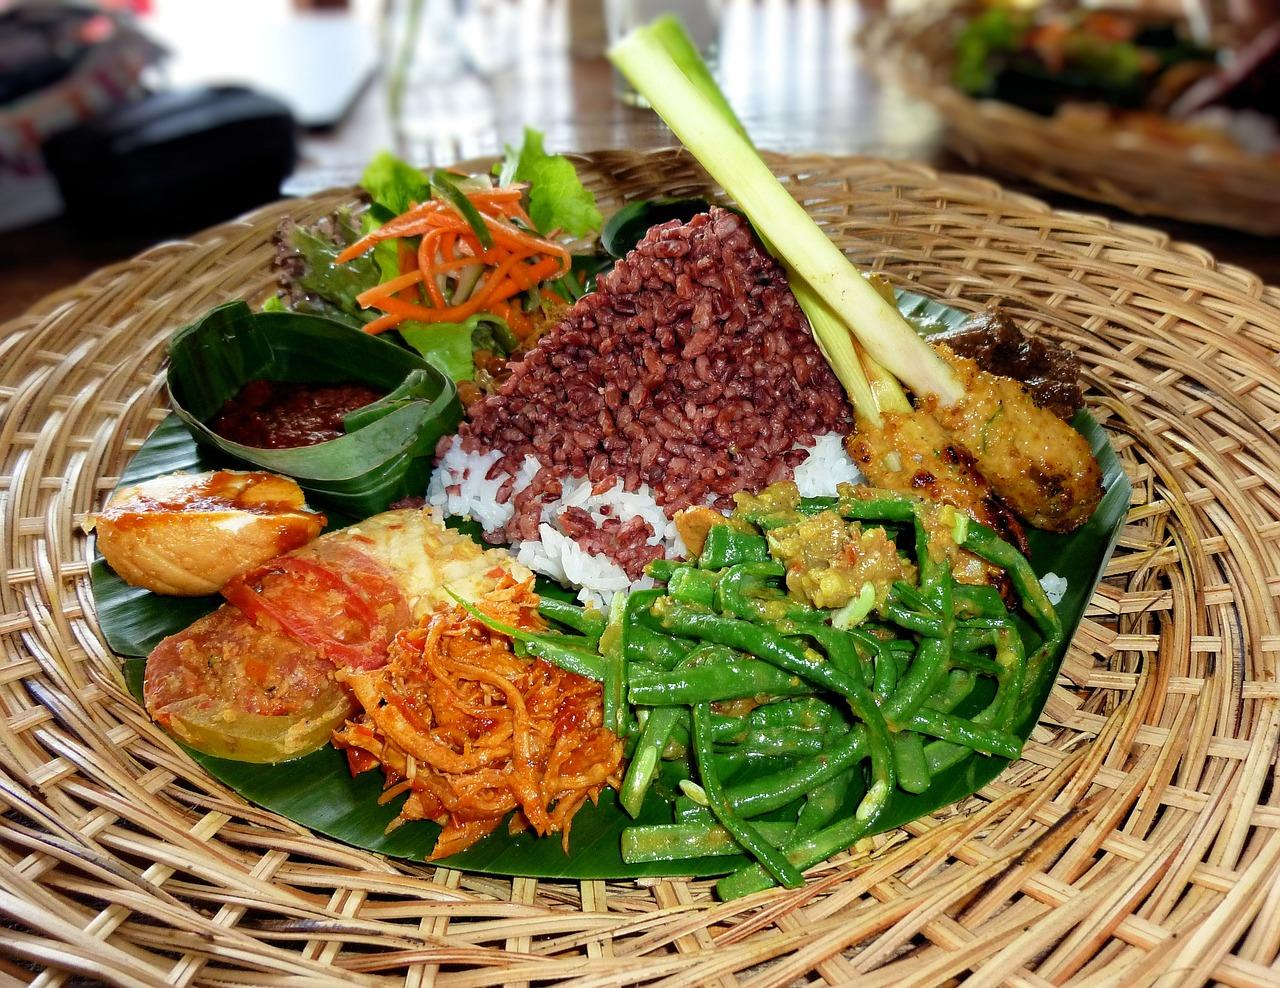 indonesian food-pixabay.jpg